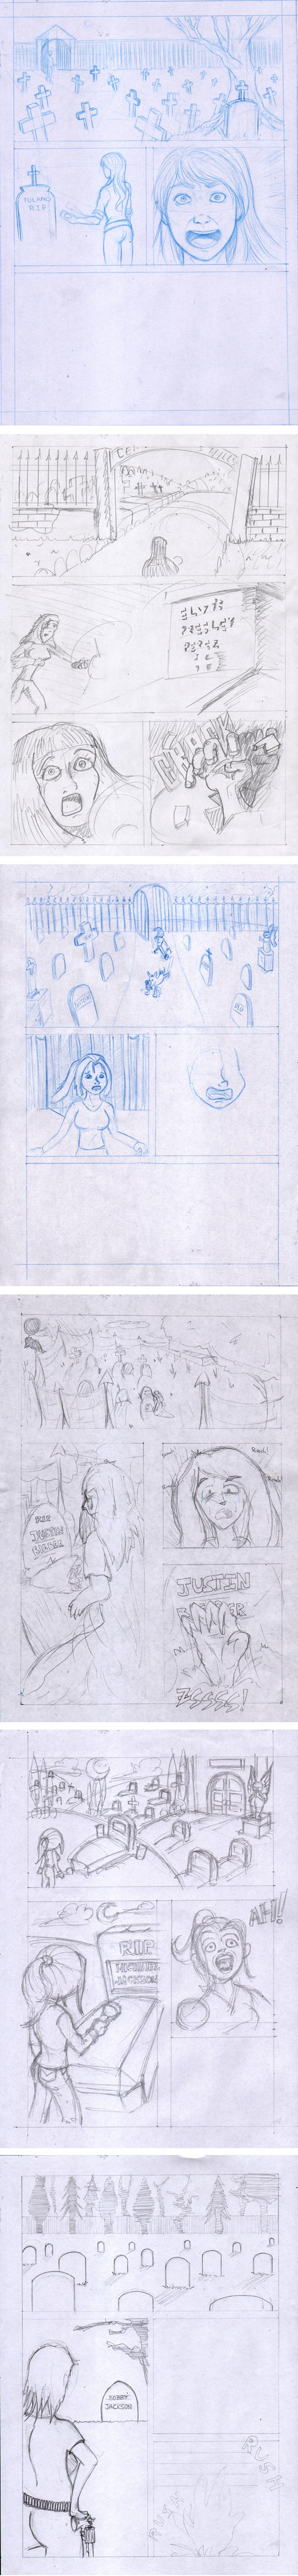 bocetos-alumnos-curso-comic-masterc10-madrid-trabajos-dibujo